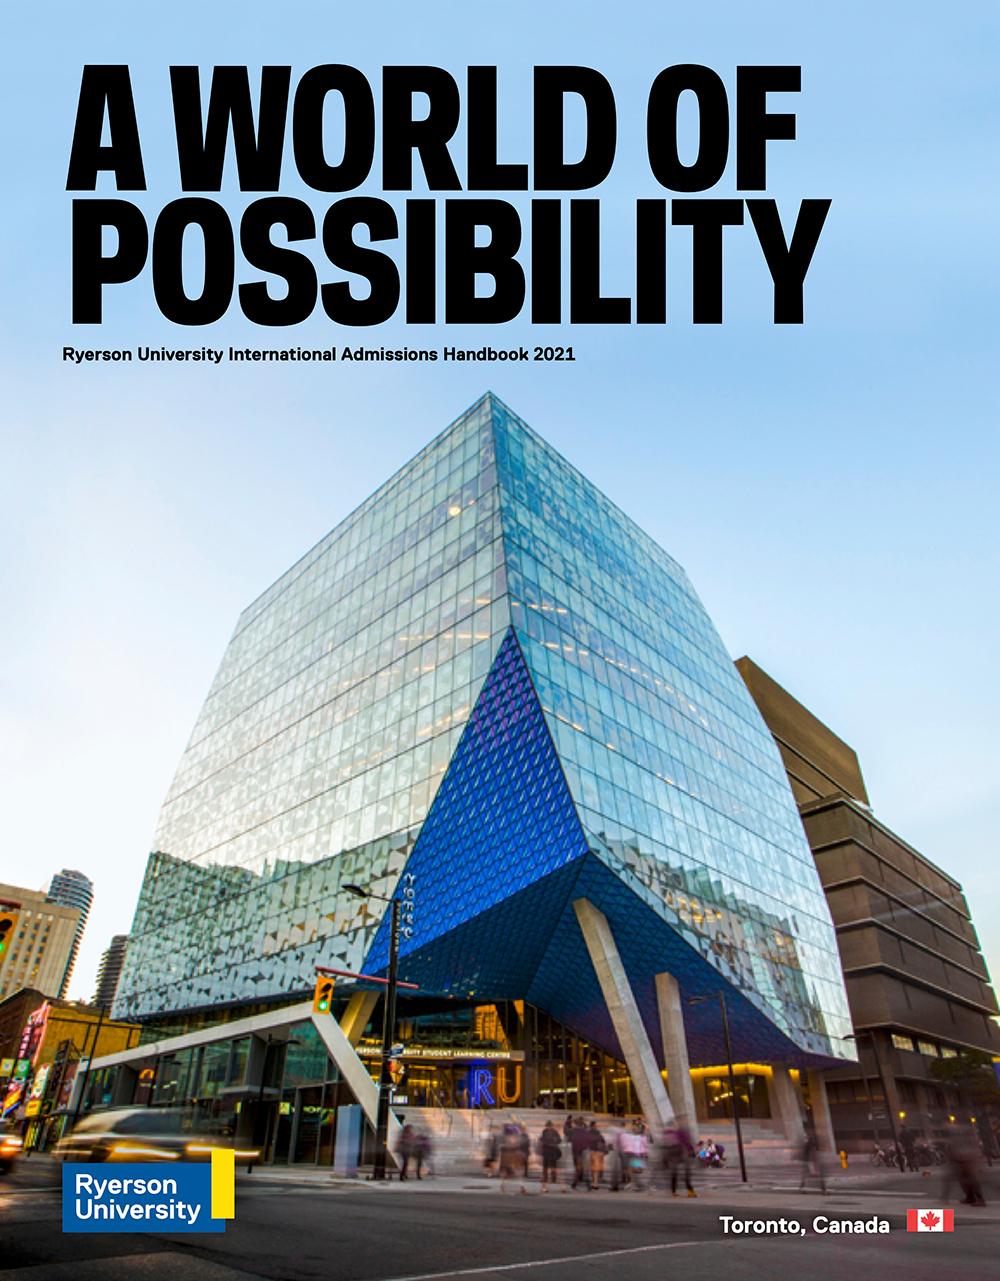 Ryerson University - Ngôi trường đại học của sự đổi mới sáng tạo số 1 tại Canada